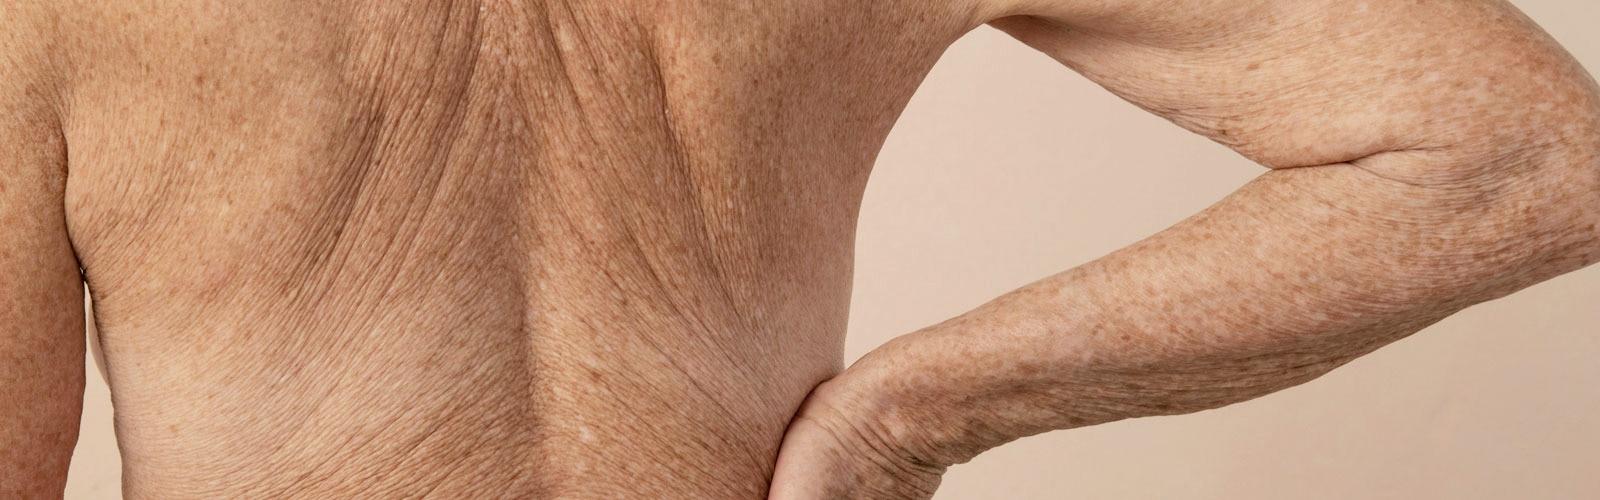 Ochorenie obličiek sprevádzajú hlavné príznaky ako bolesť a zápal